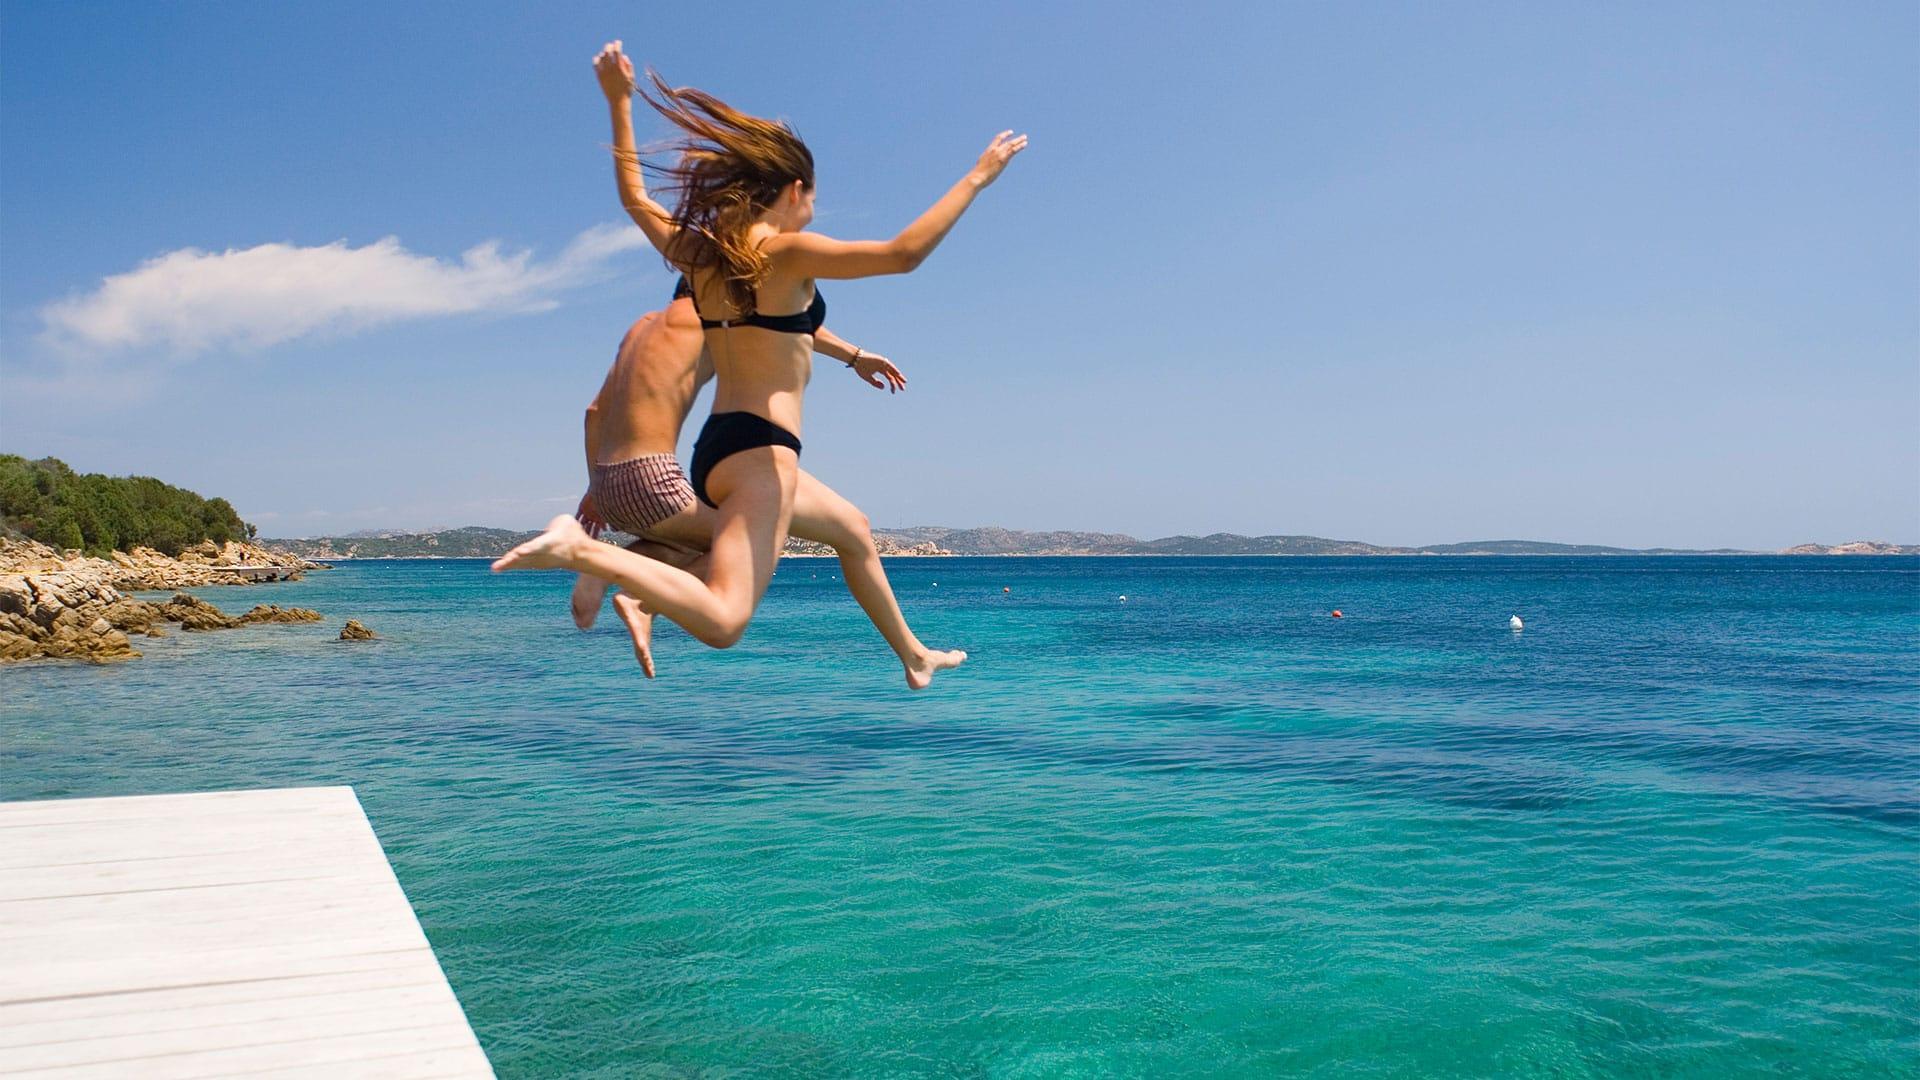 Le offerte del Resort & SPA Le Dune per le tue vacanze in ...